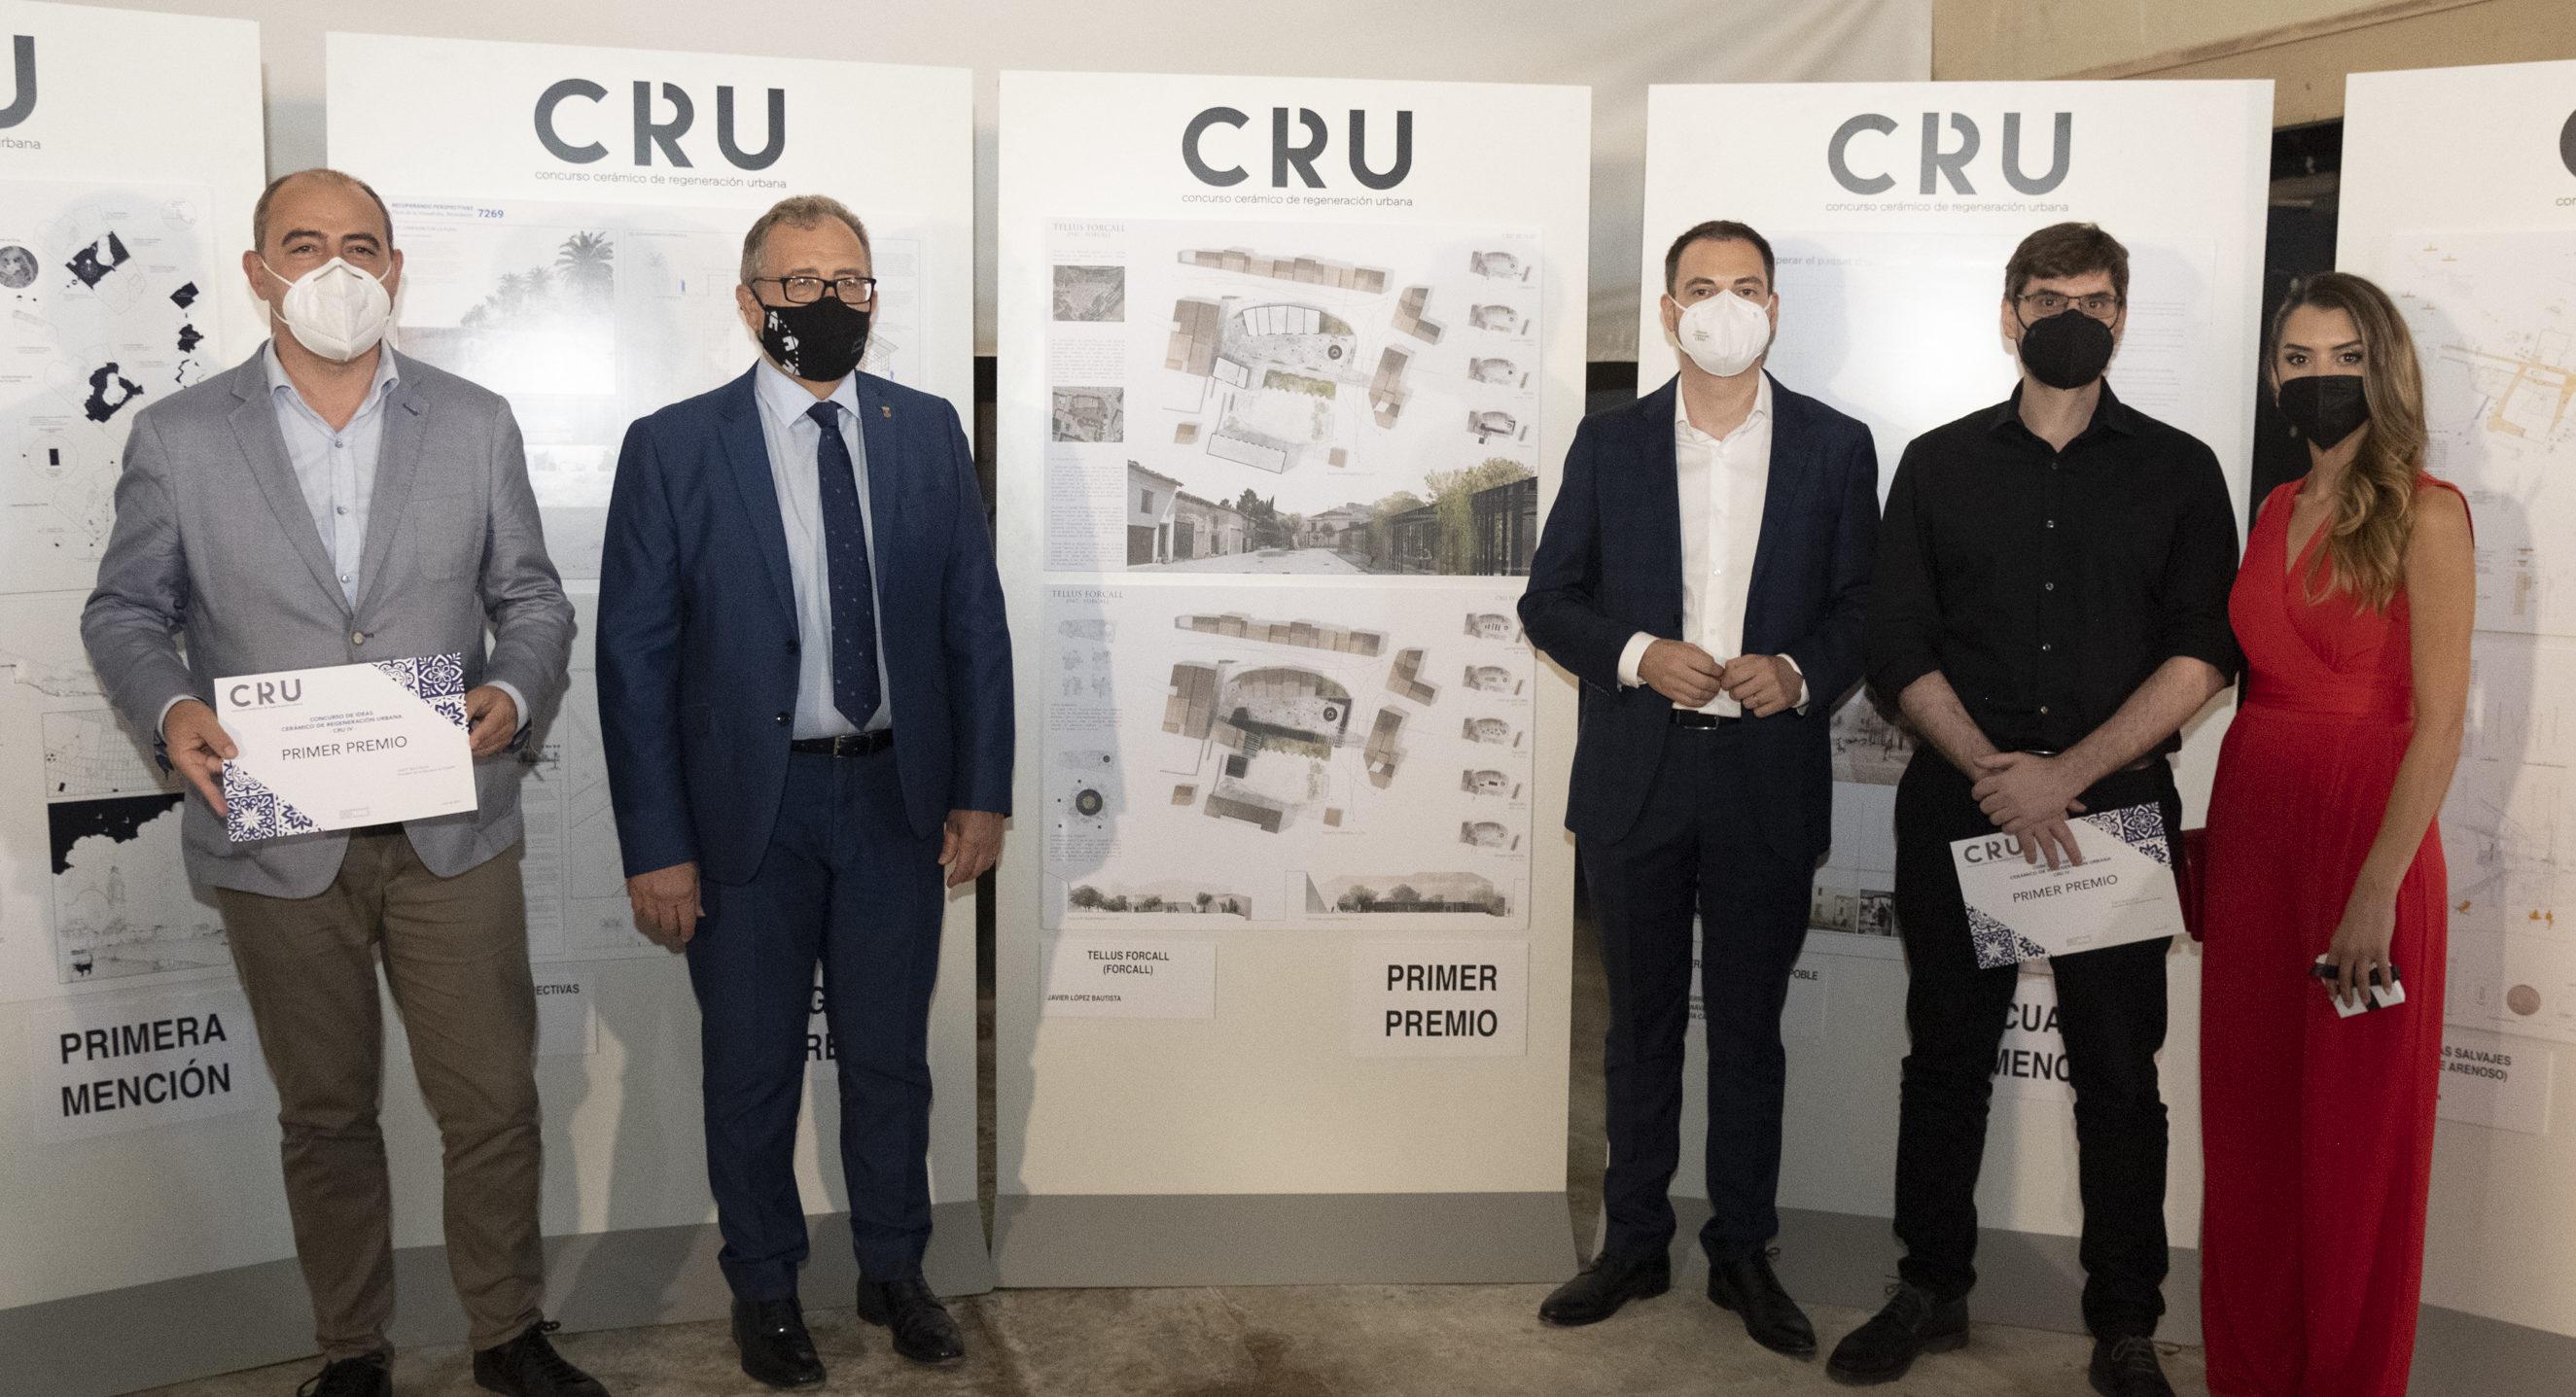 Forcall i Benicàssim guanyen el CRU i rebran 400 mil euros per a la renovació d'espais urbans amb ceràmica